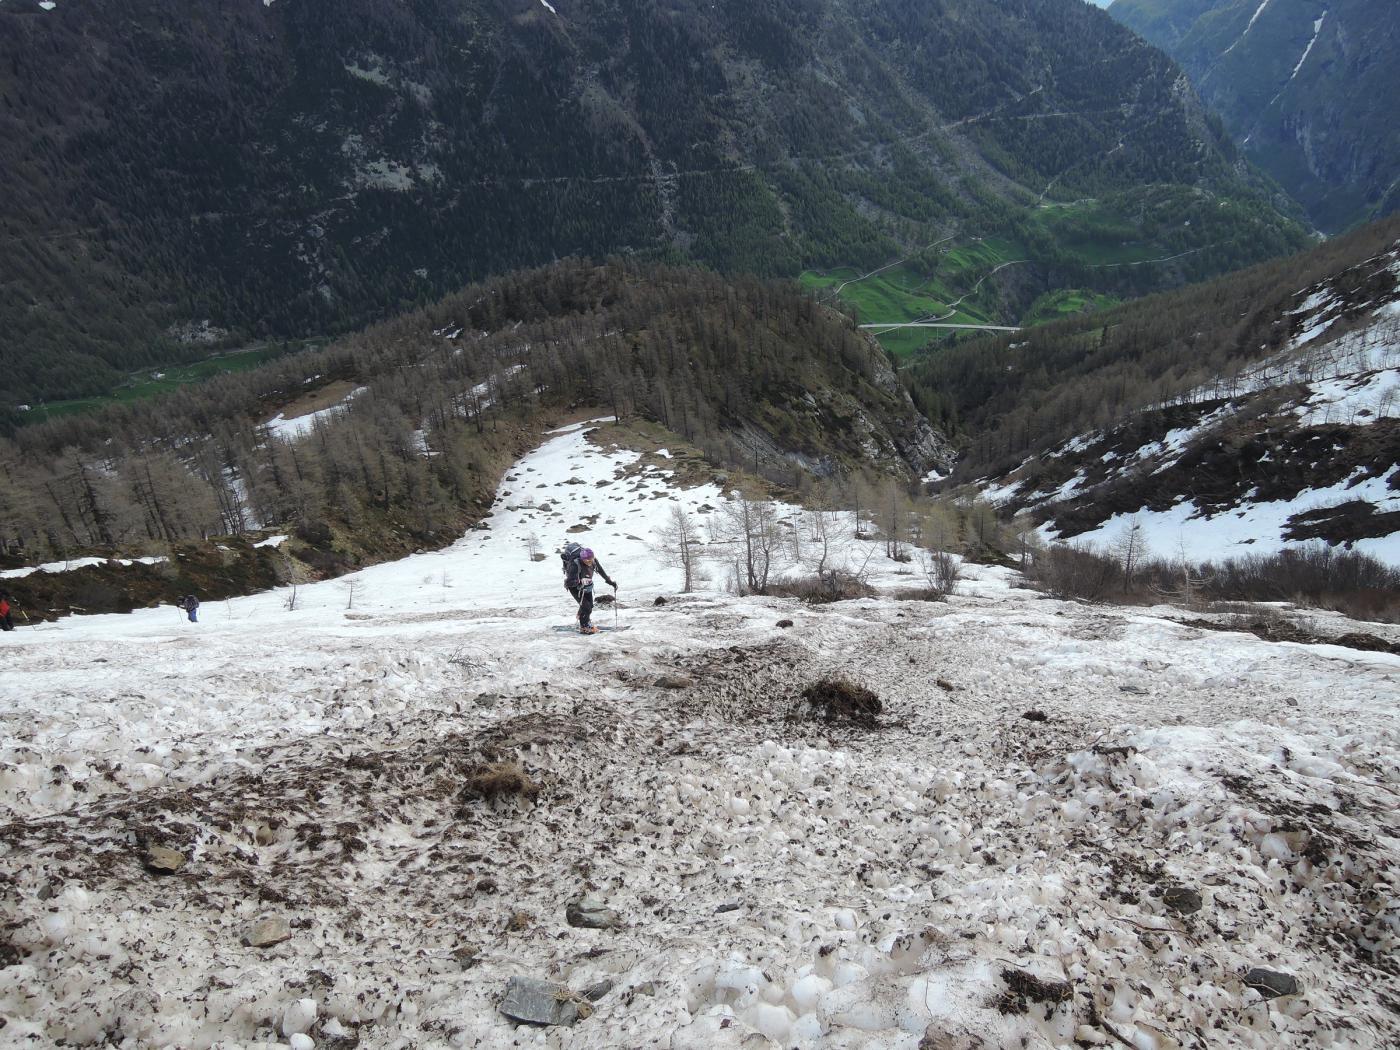 prima neve, con valanghe sporche di detriti